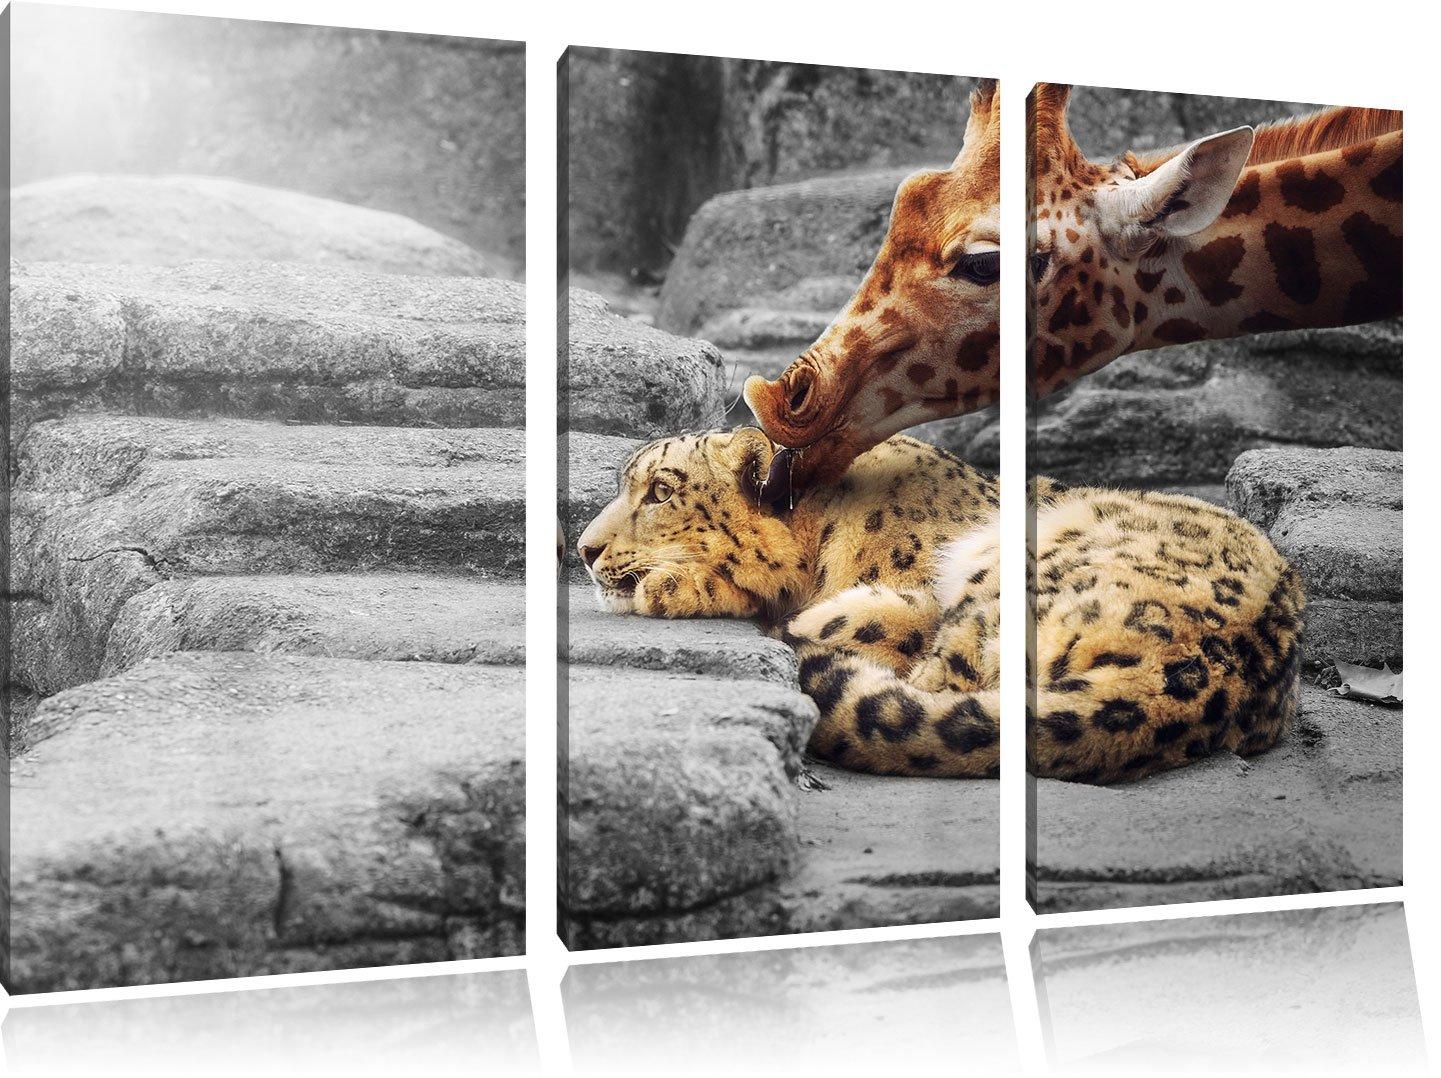 Kuschel Santander Leopard y jirafa B & W detalle 3 piezas Lienzo 120 x 80 imagen sobre lienzo, XXL enormes Fotos completamente enmarcado con camilla, ...